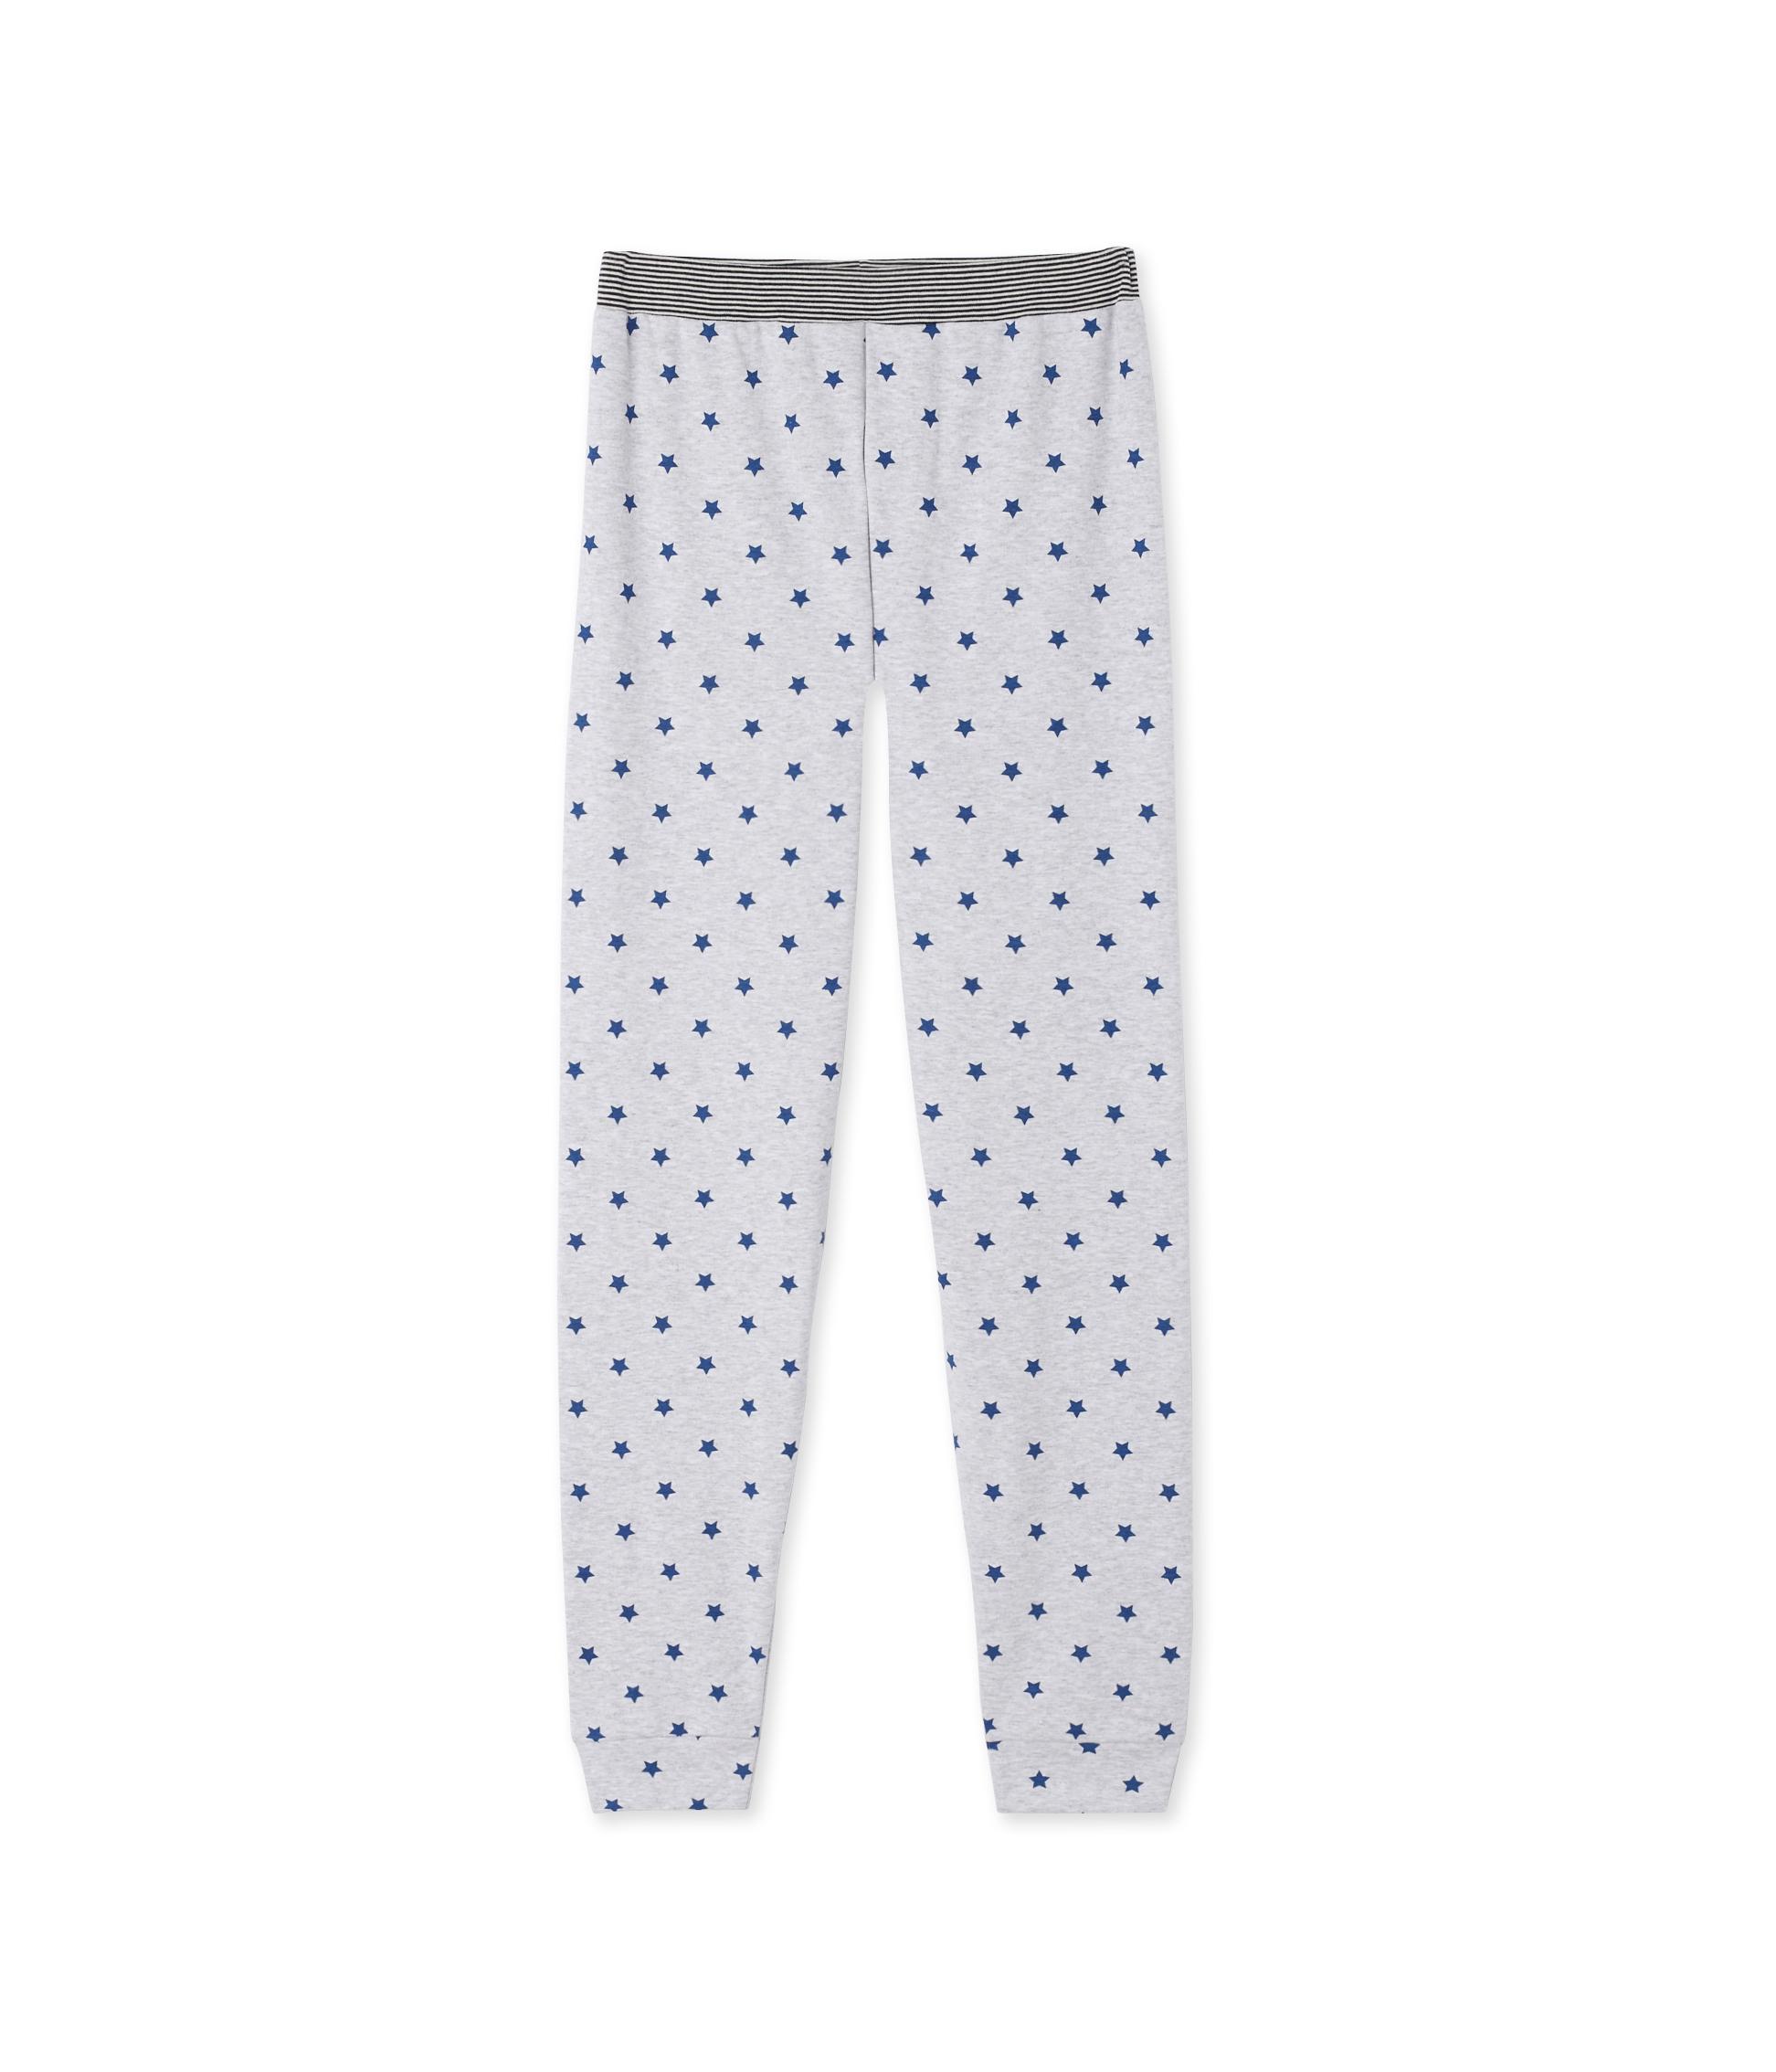 008881731e920 Pantalon de pyjama ado garçon imprimé